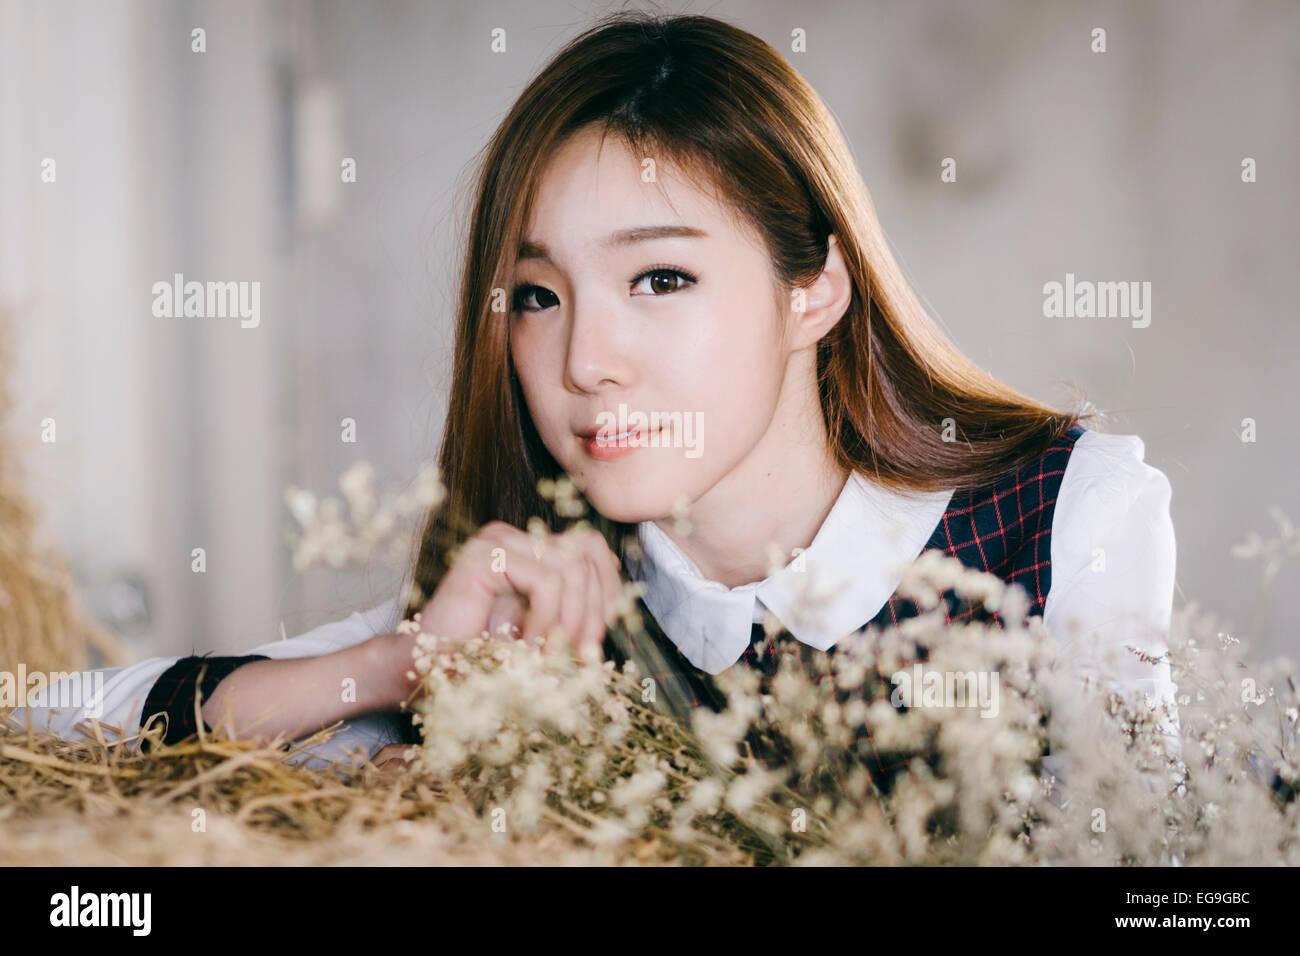 Porträt der jungen Frau mit Trockenblumen Stockbild